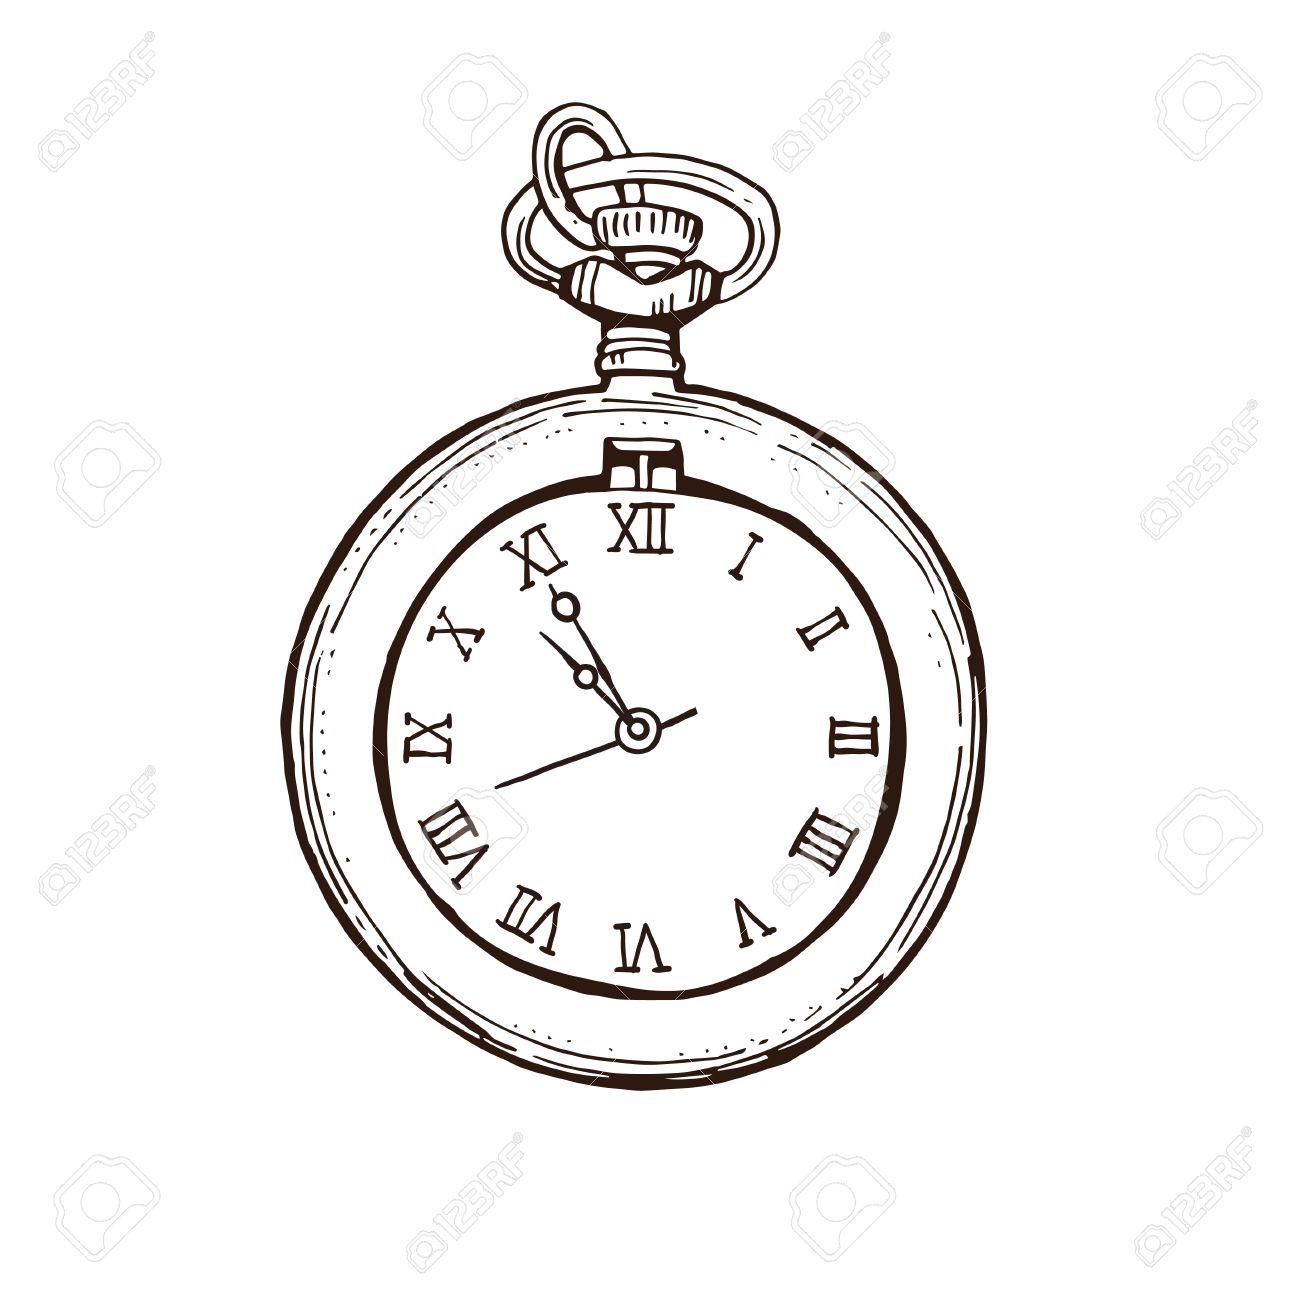 Armbanduhr gezeichnet  Offene Taschenuhr In Vintage-Stil. Hand Gezeichnet Tinte Skizze ...